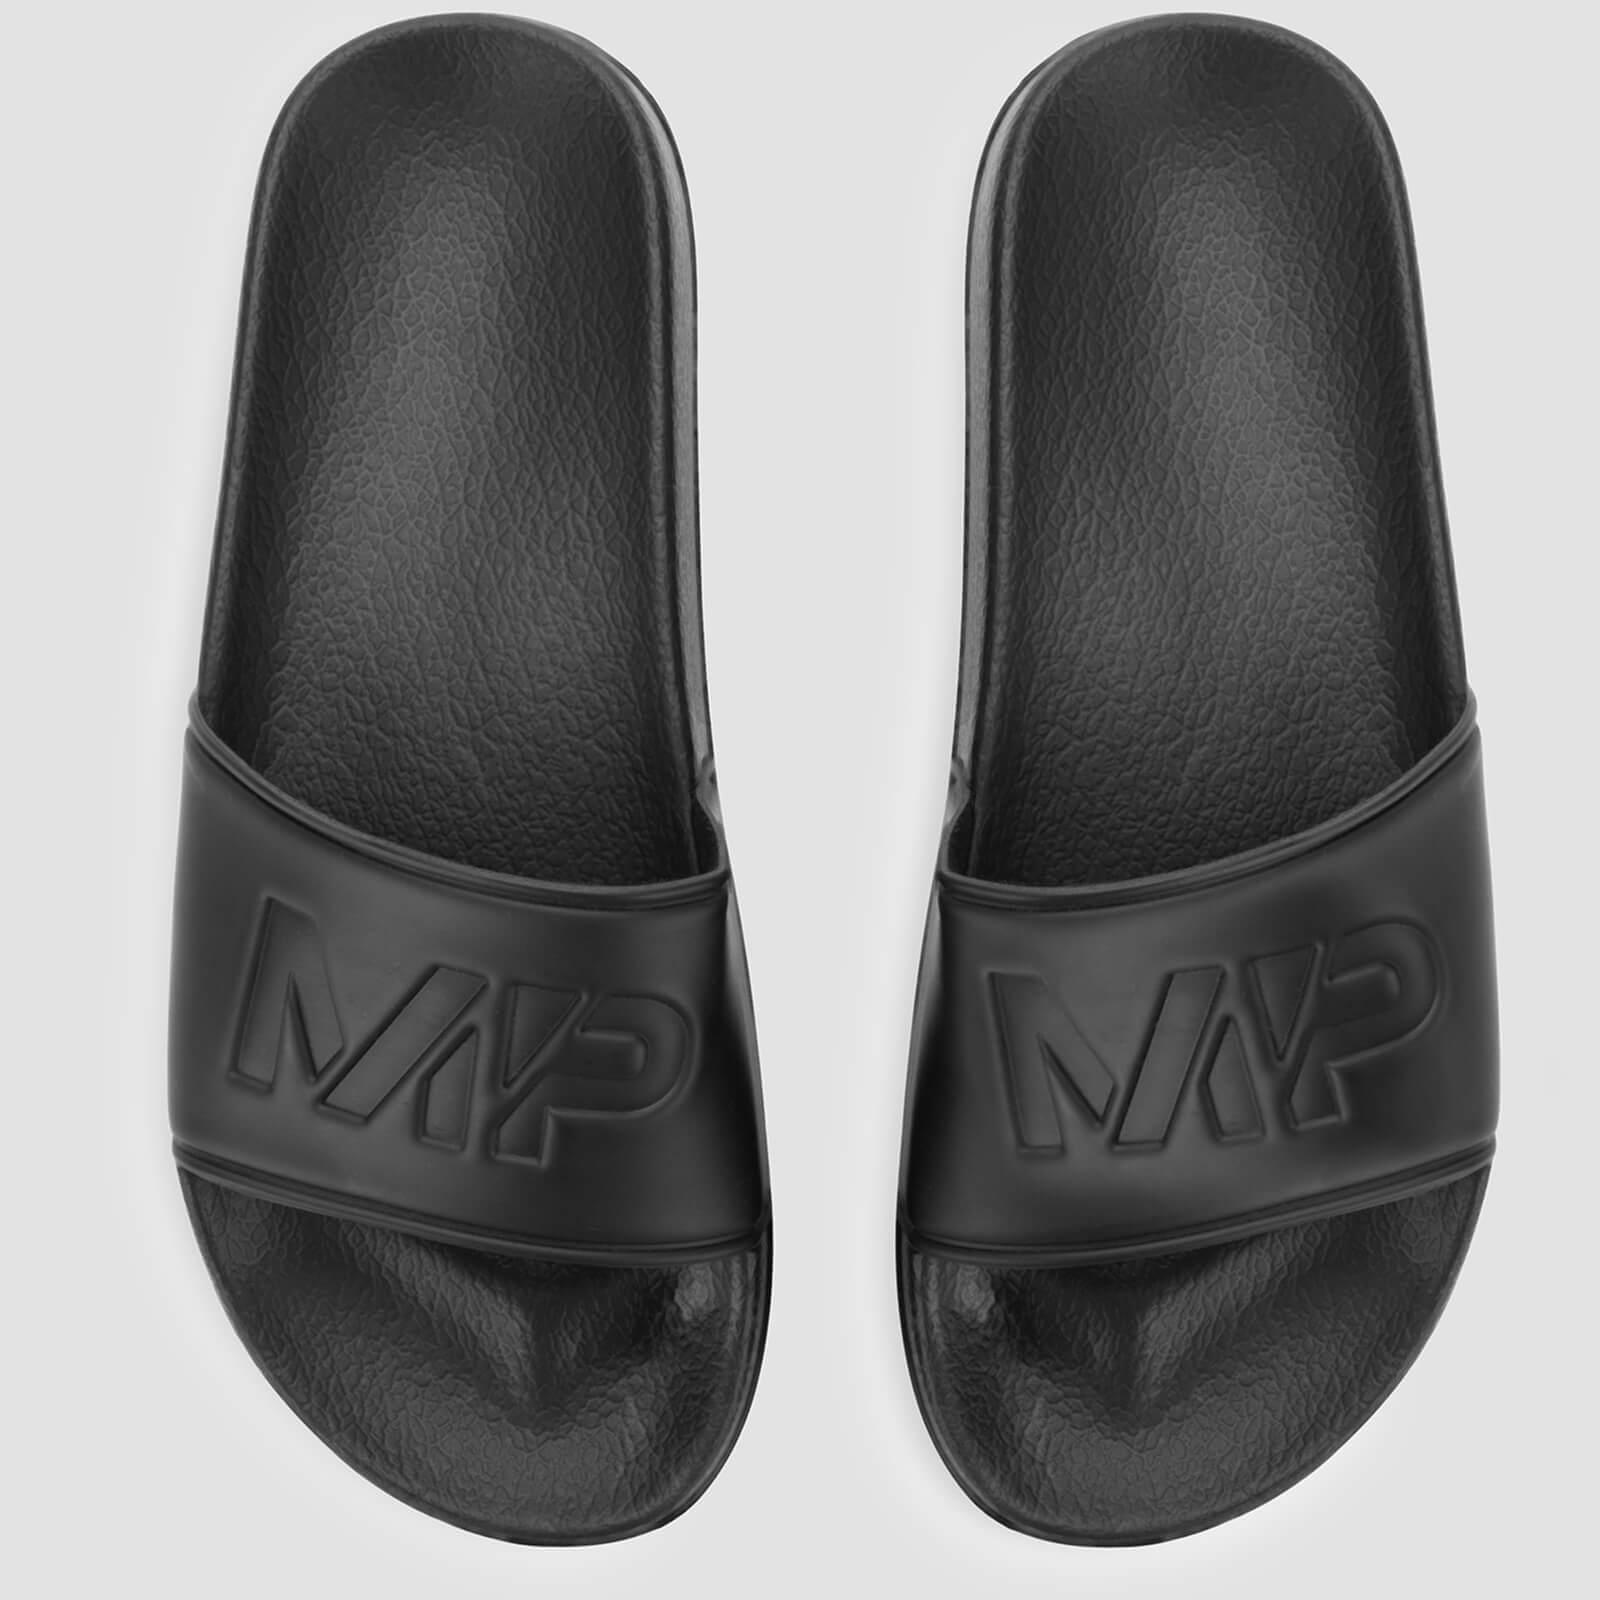 Myprotein Mp Men's Sliders - Sort - Uk 6